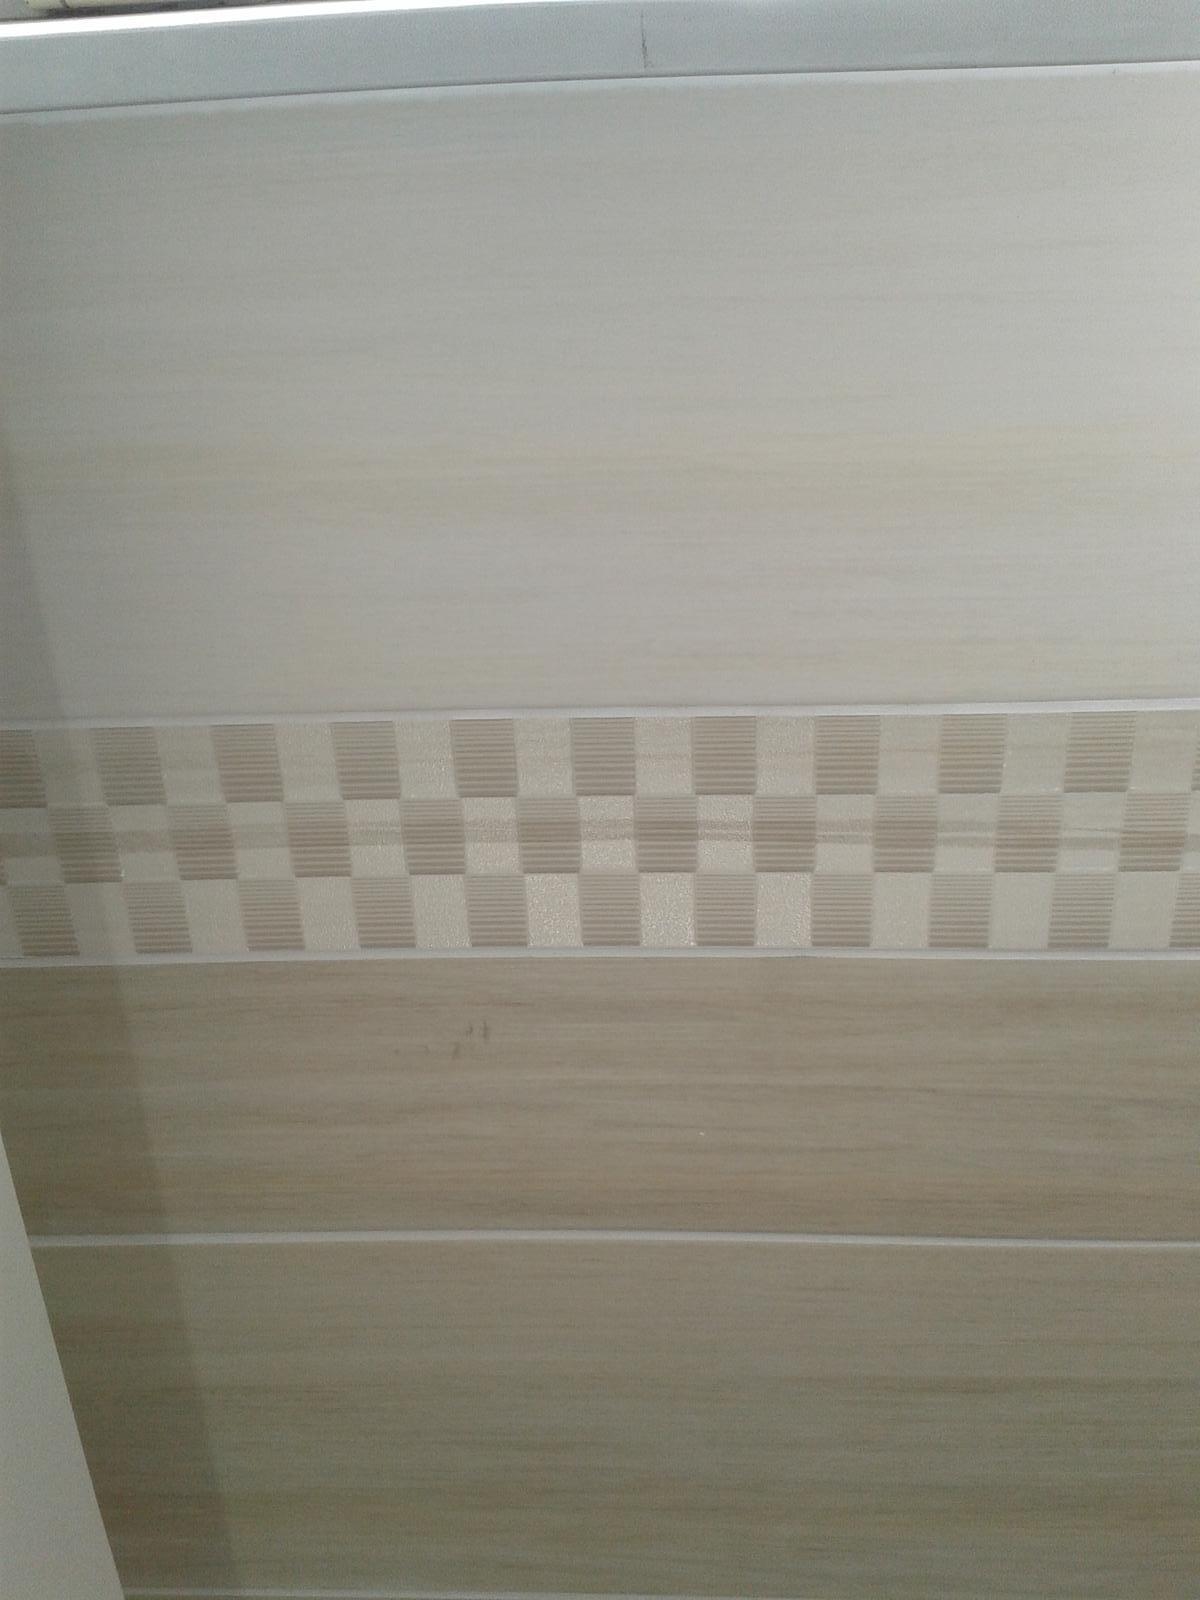 Mala panelakova koupelna - Obrázek č. 22